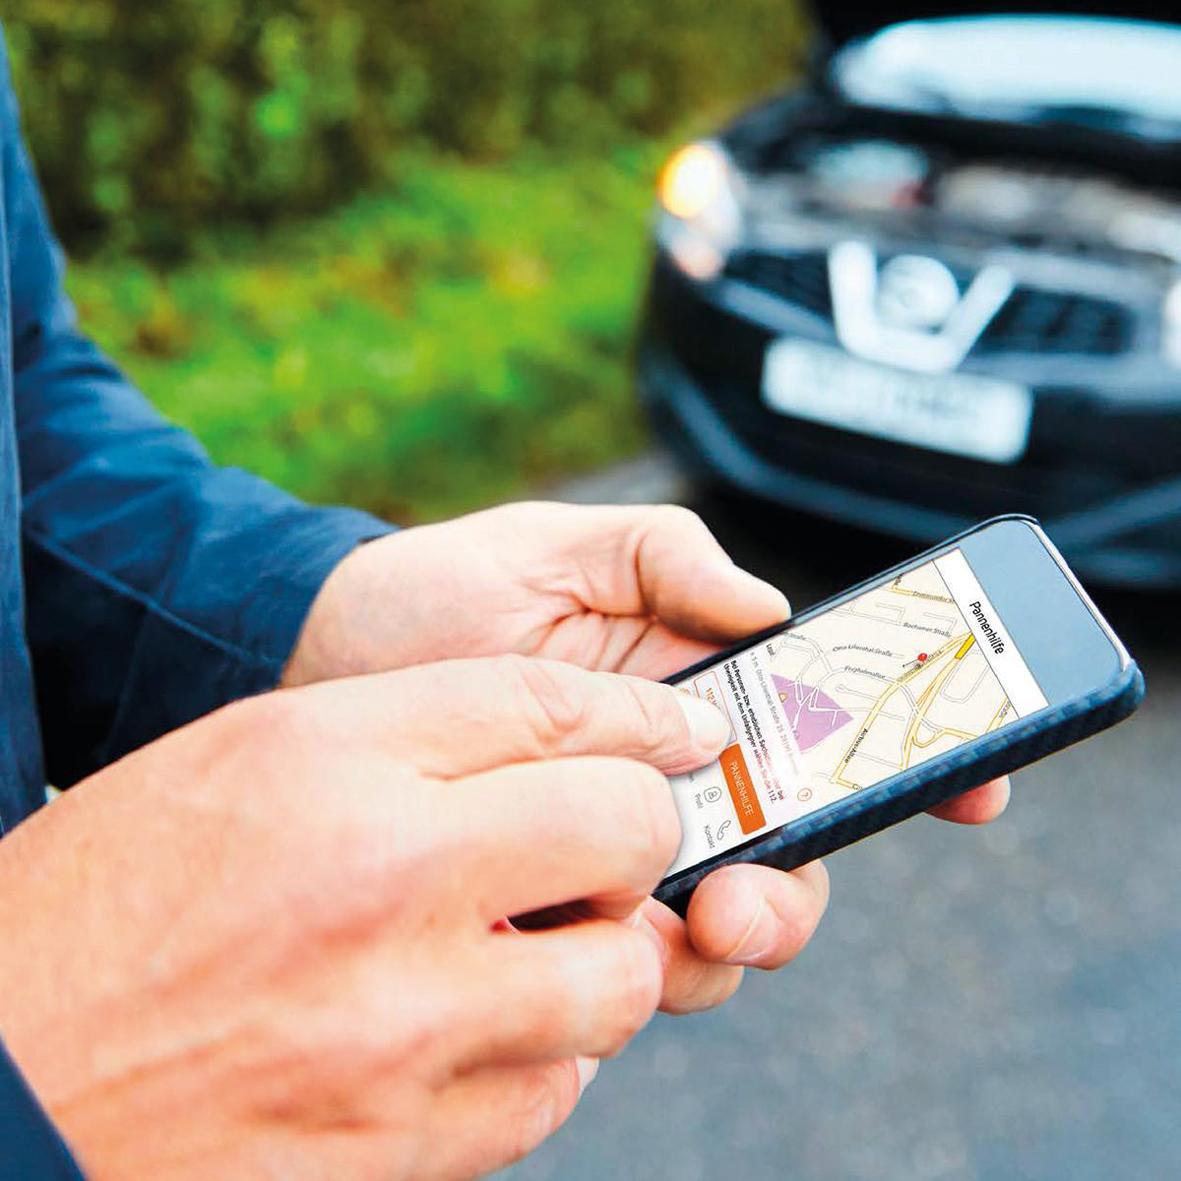 """mid Düsseldorf - Bei einer Panne oder einem Unfall bietet die neue Smartphone-App """"ACV-Co-Pilot"""" des Automobil-Clubs Verkehr schnelle Hilfe."""